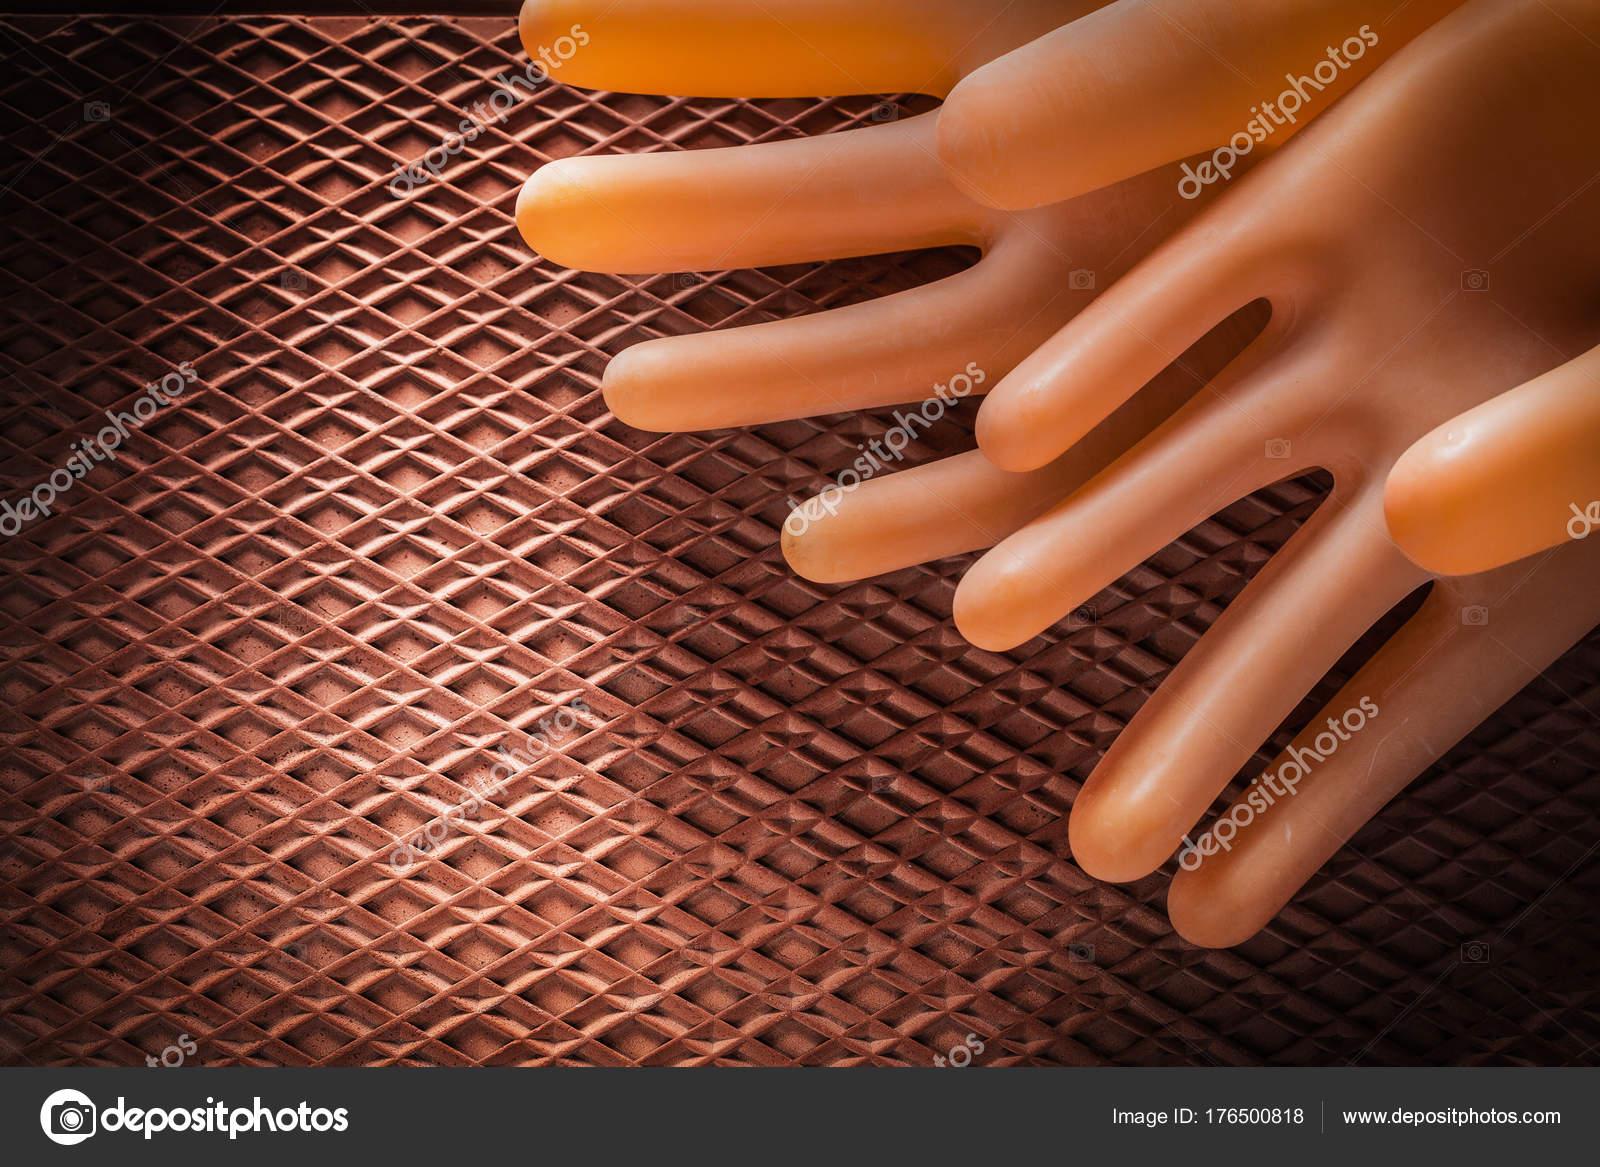 Προστατευτικά μονωτικά γάντια διηλεκτρικά καουτσούκ mat — Φωτογραφία Αρχείου 075593eb58f